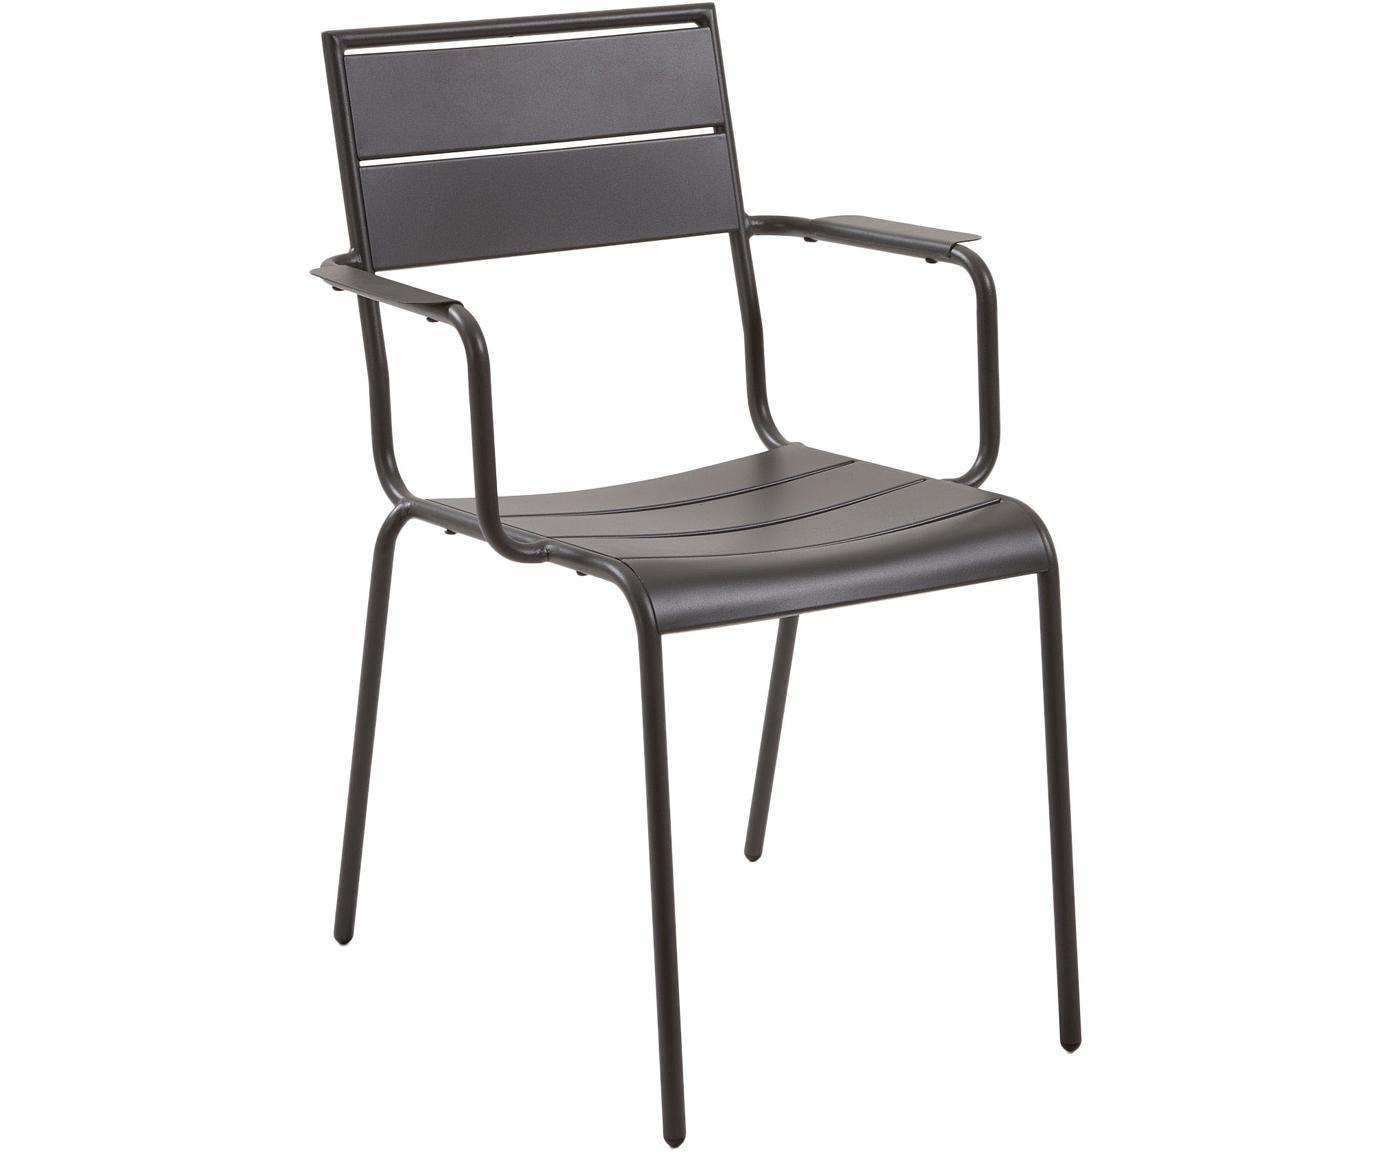 Balkon-Armlehnstuhl Allegian aus Metall, Metall, pulverbeschichtet, Dunkelgrau, B 59 x T 65 cm